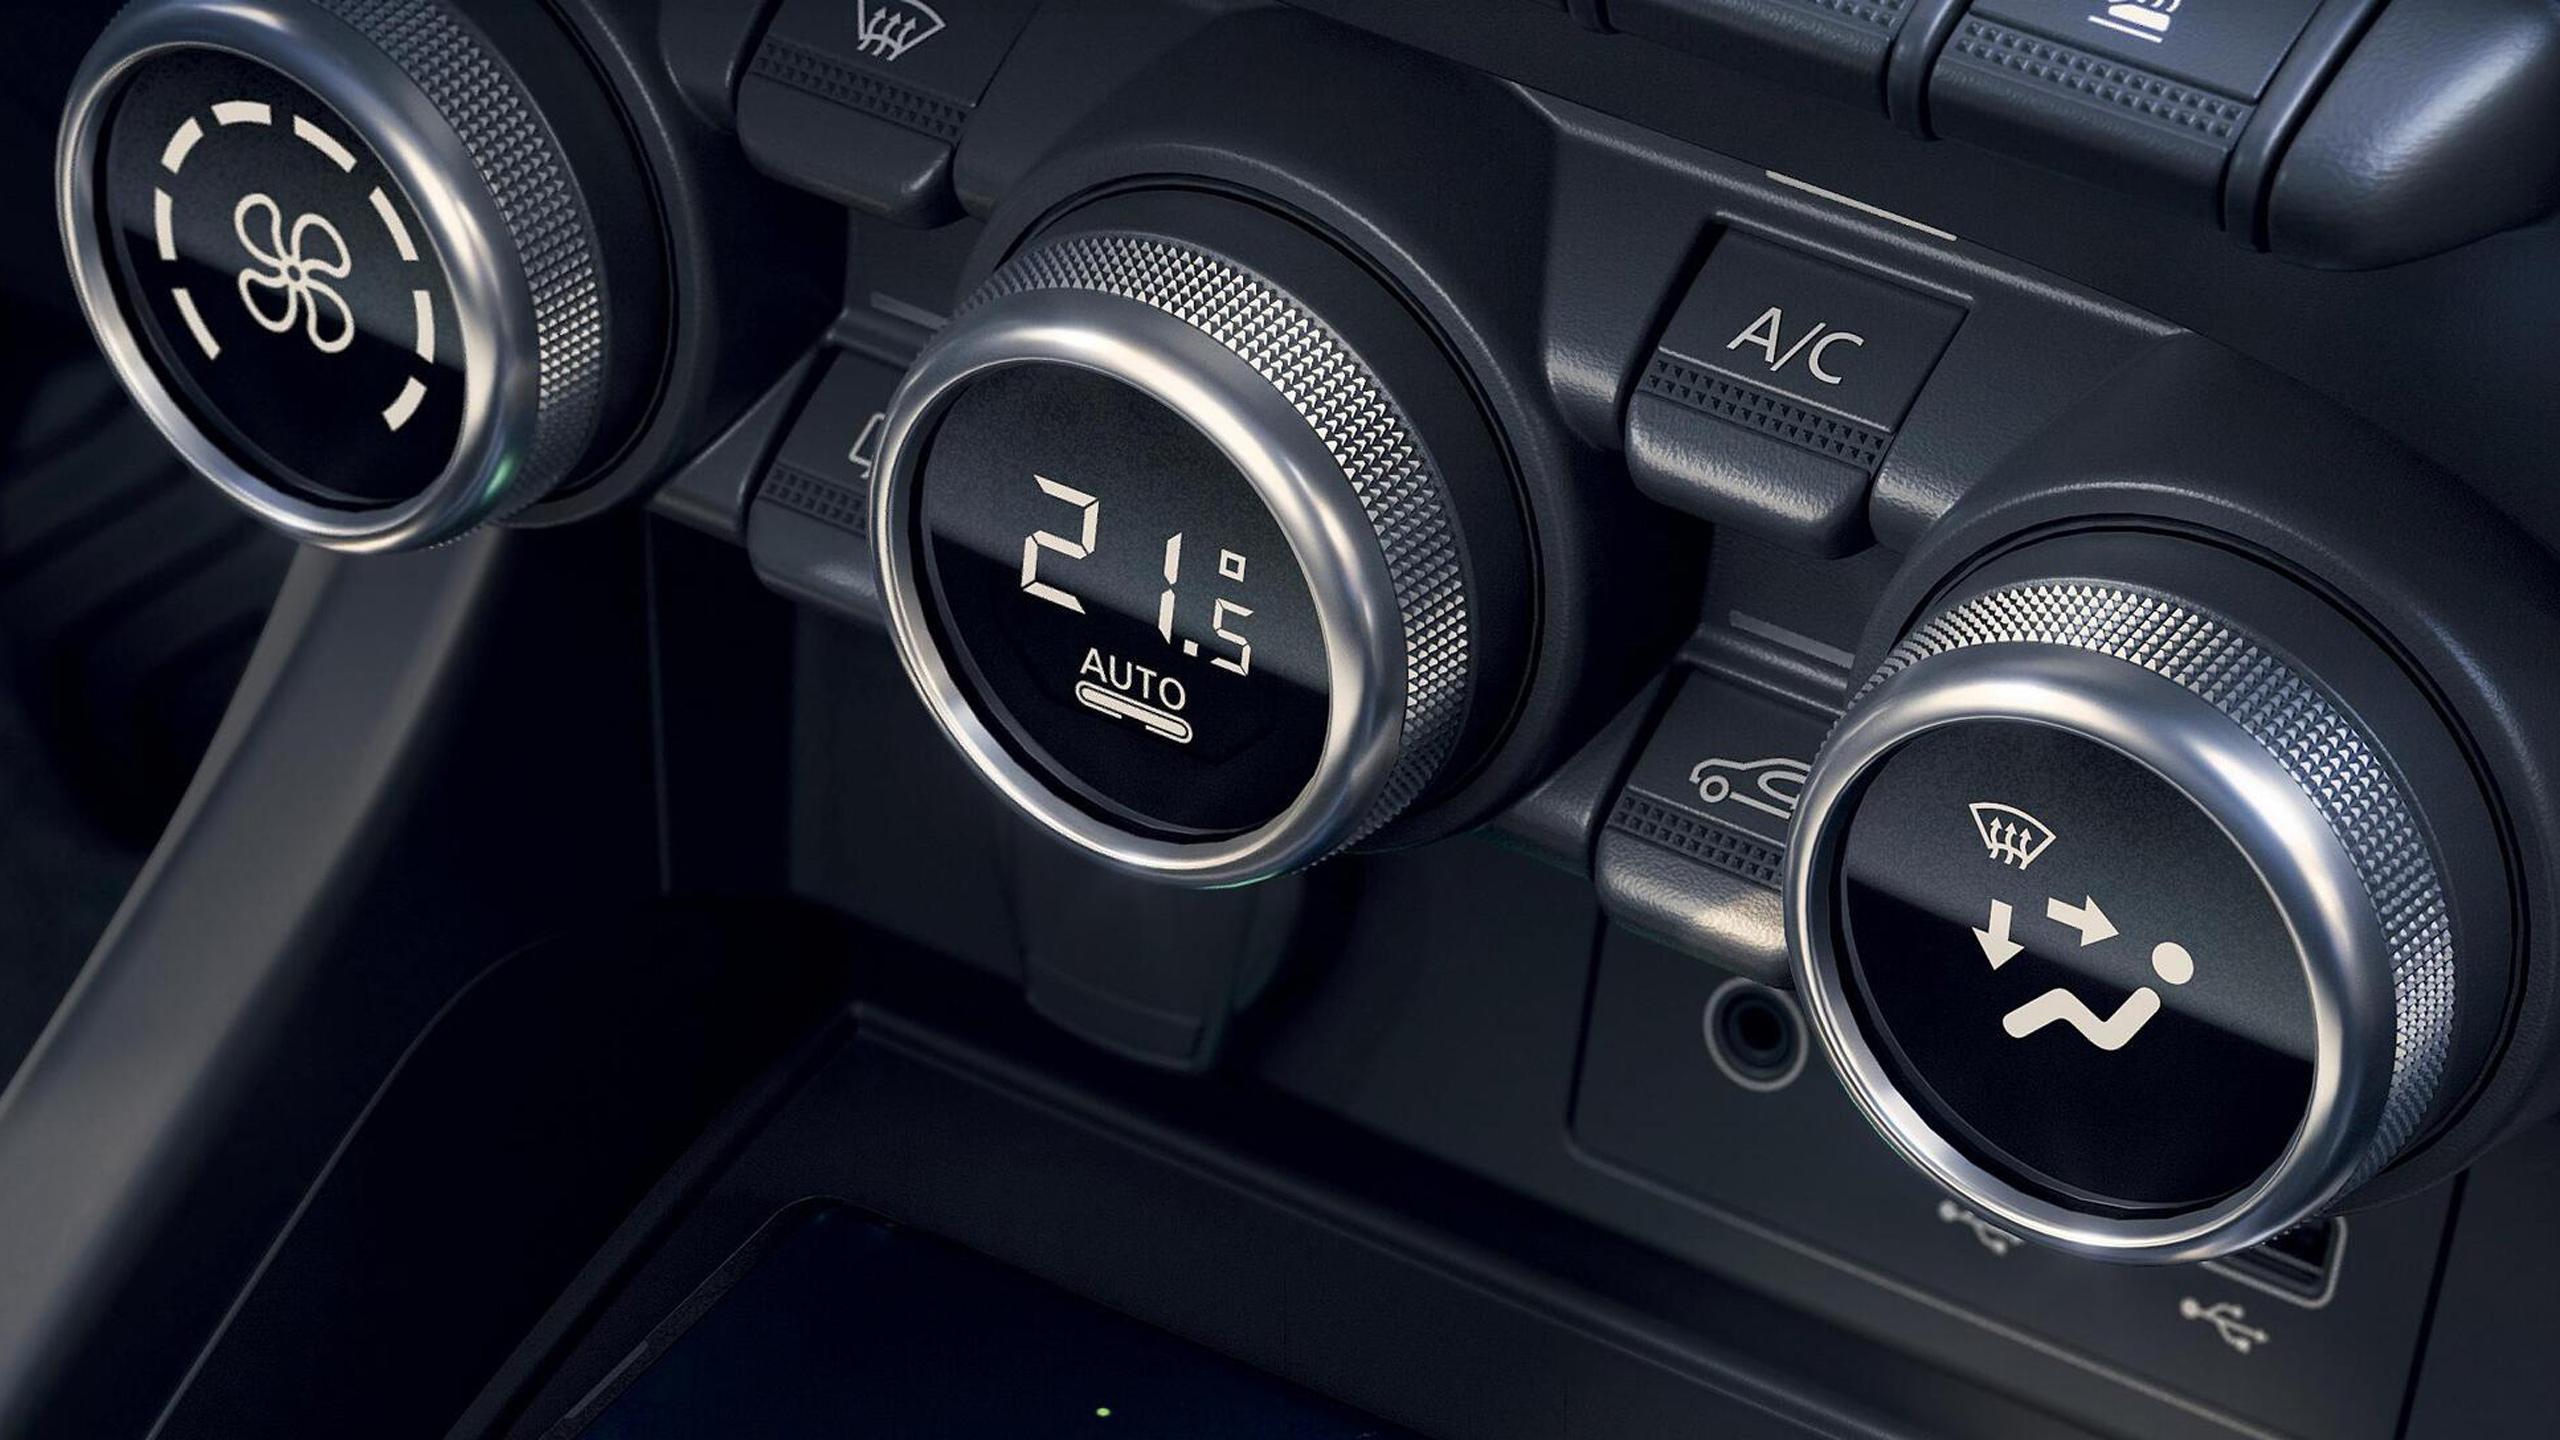 Elektronisch geregelde airconditioning met 1 klimaatzone en luchtkwaliteitsensor